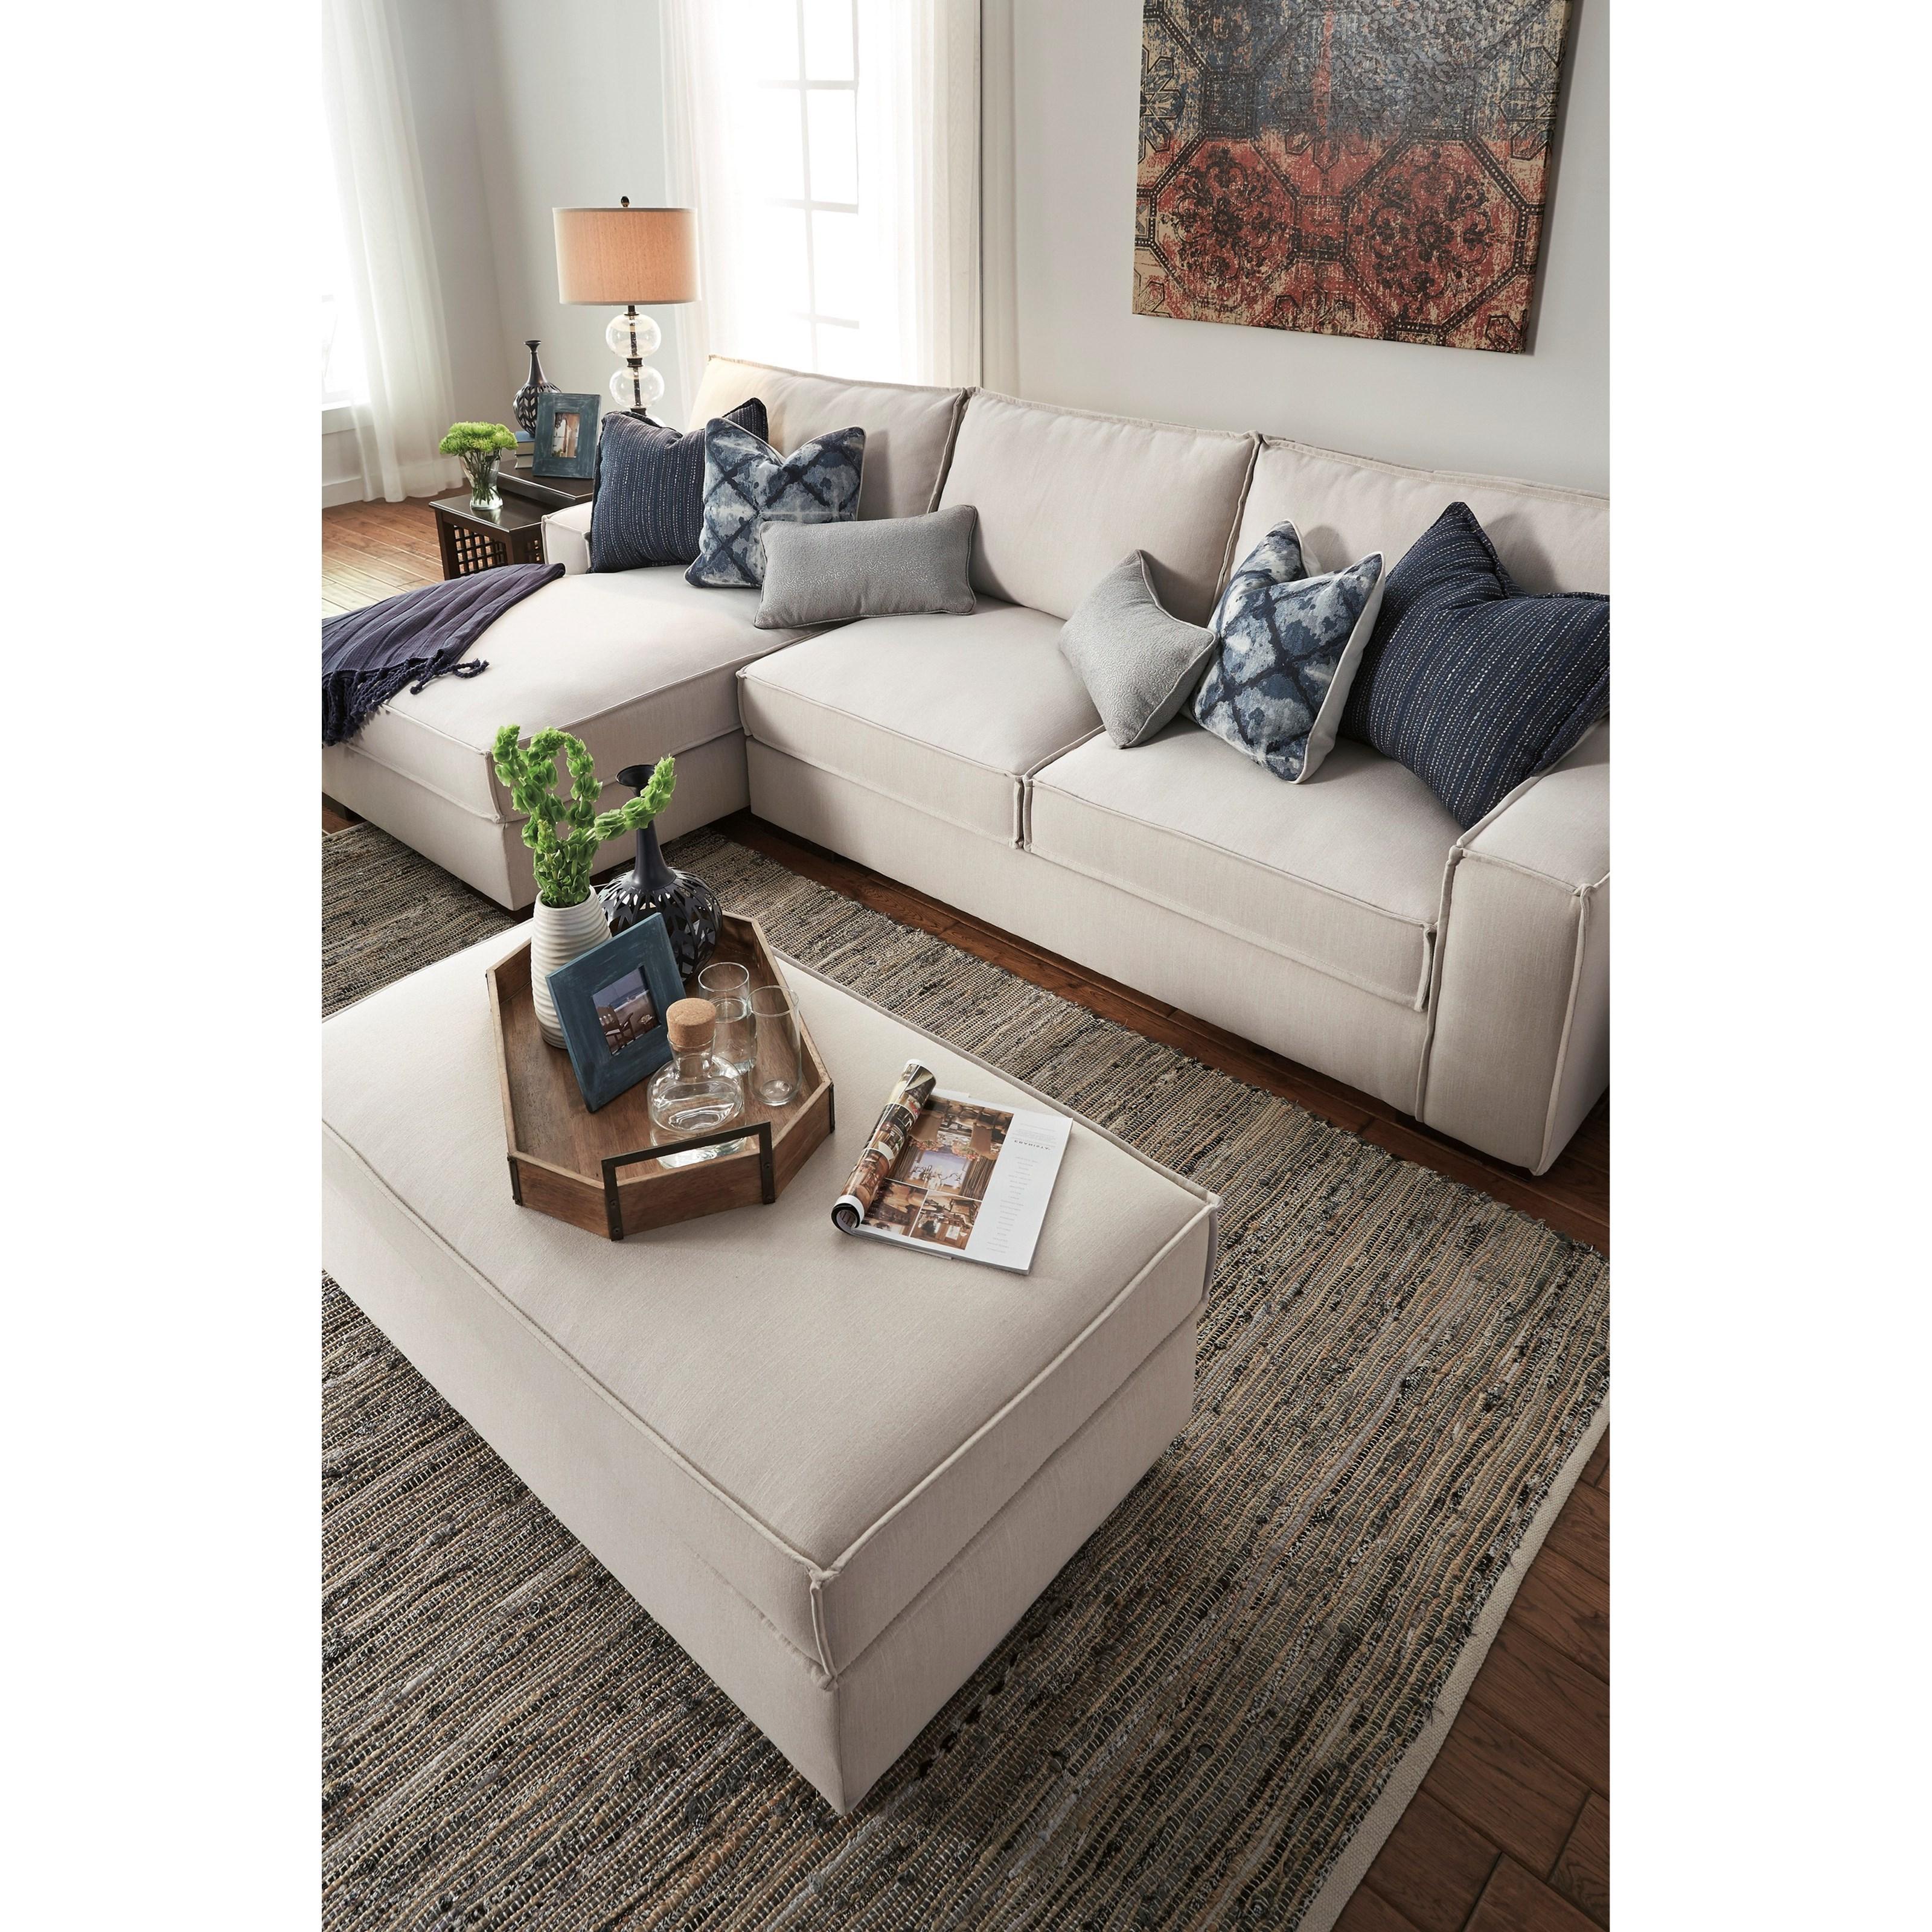 Ashley/Benchcraft Kendleton Stationary Living Room Group - Item Number: 54704 Living Room Group 1